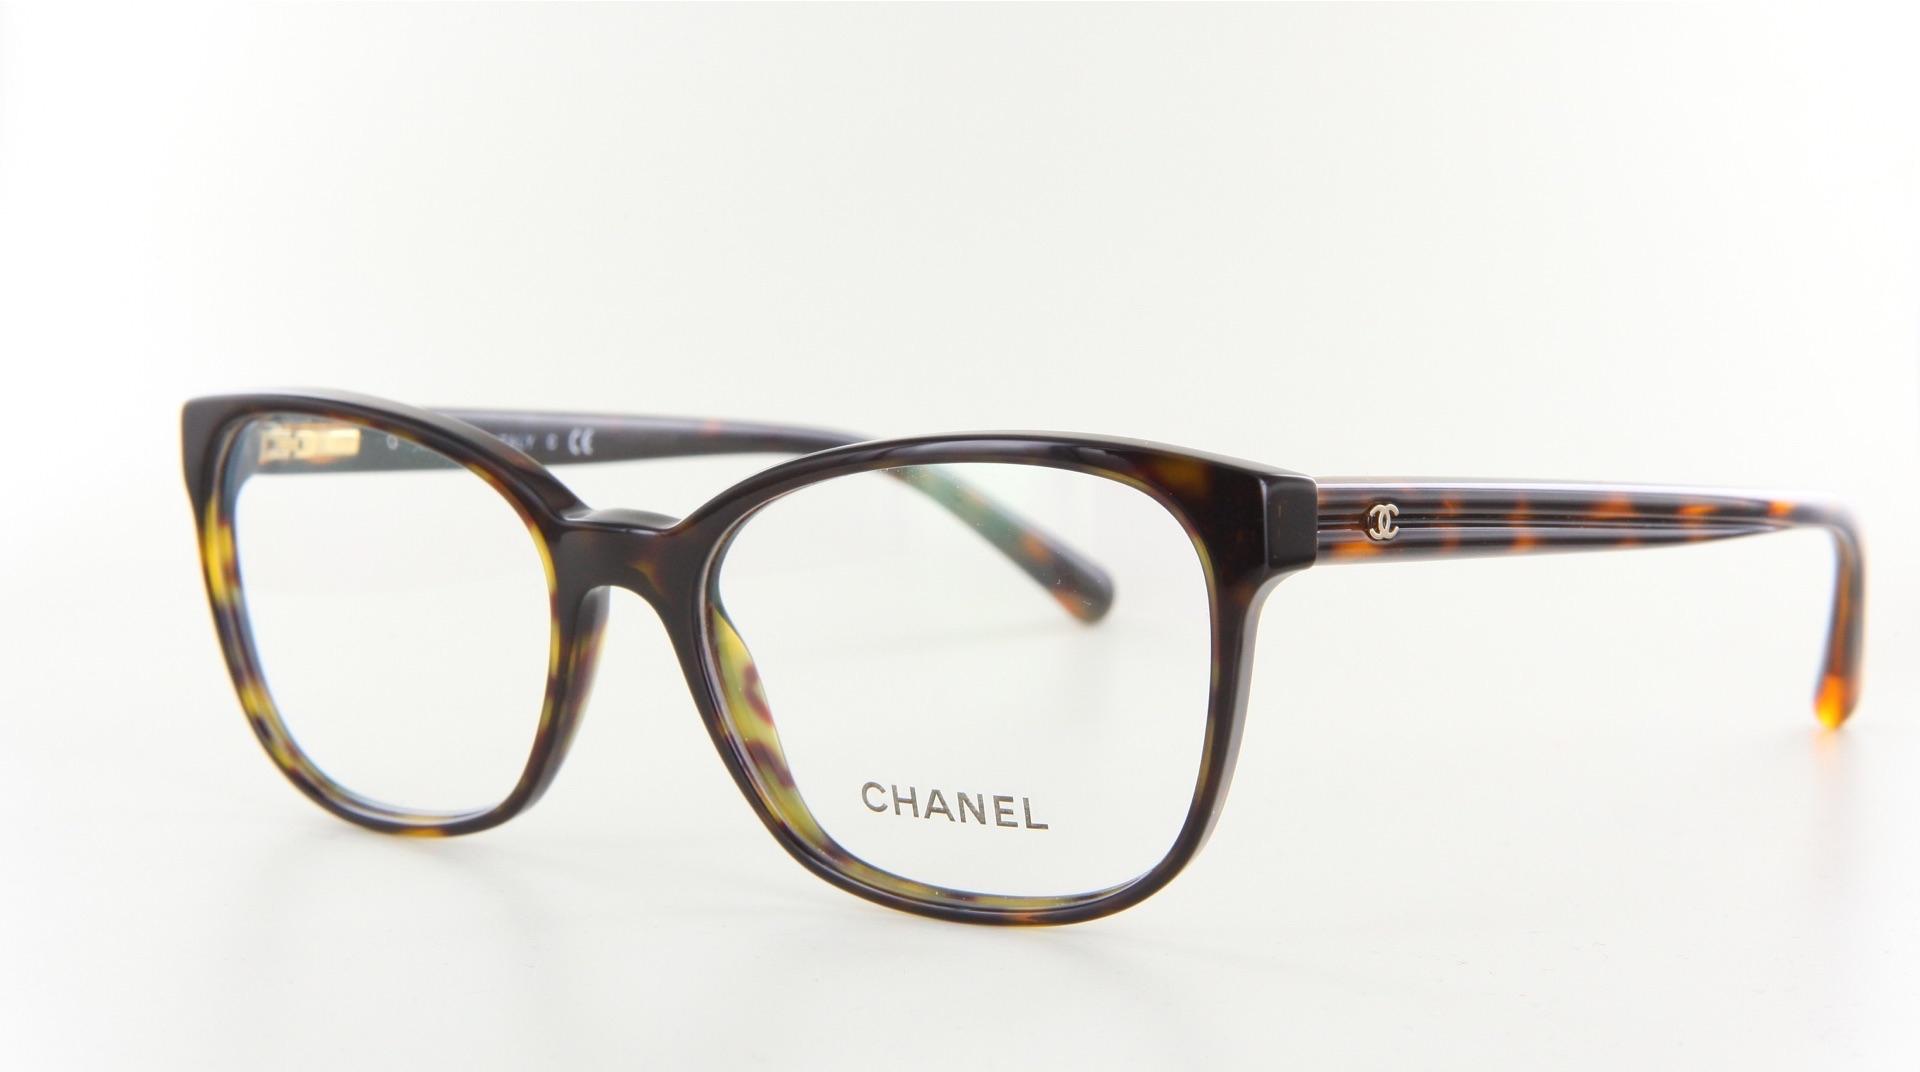 Chanel - ref: 72589